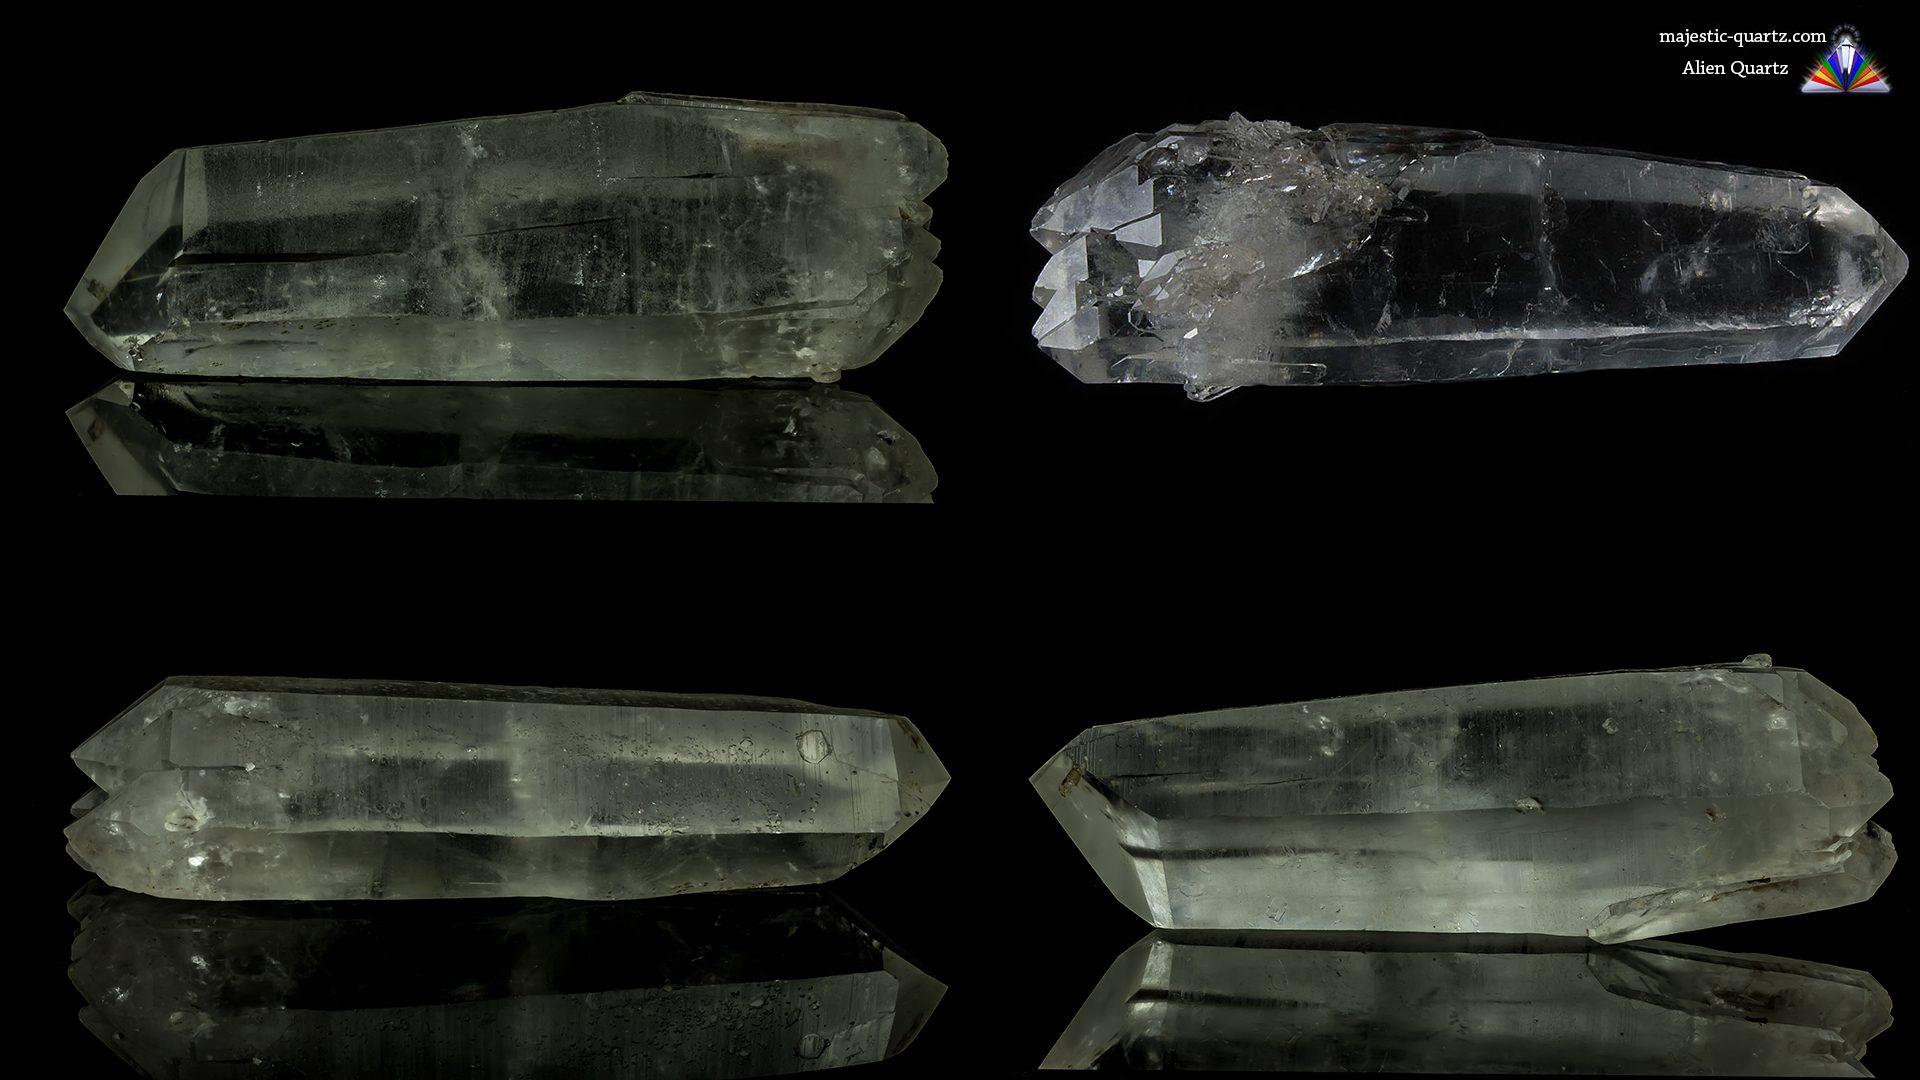 Alien Quartz Crystal Specimen - Photograph by Anthony Bradford